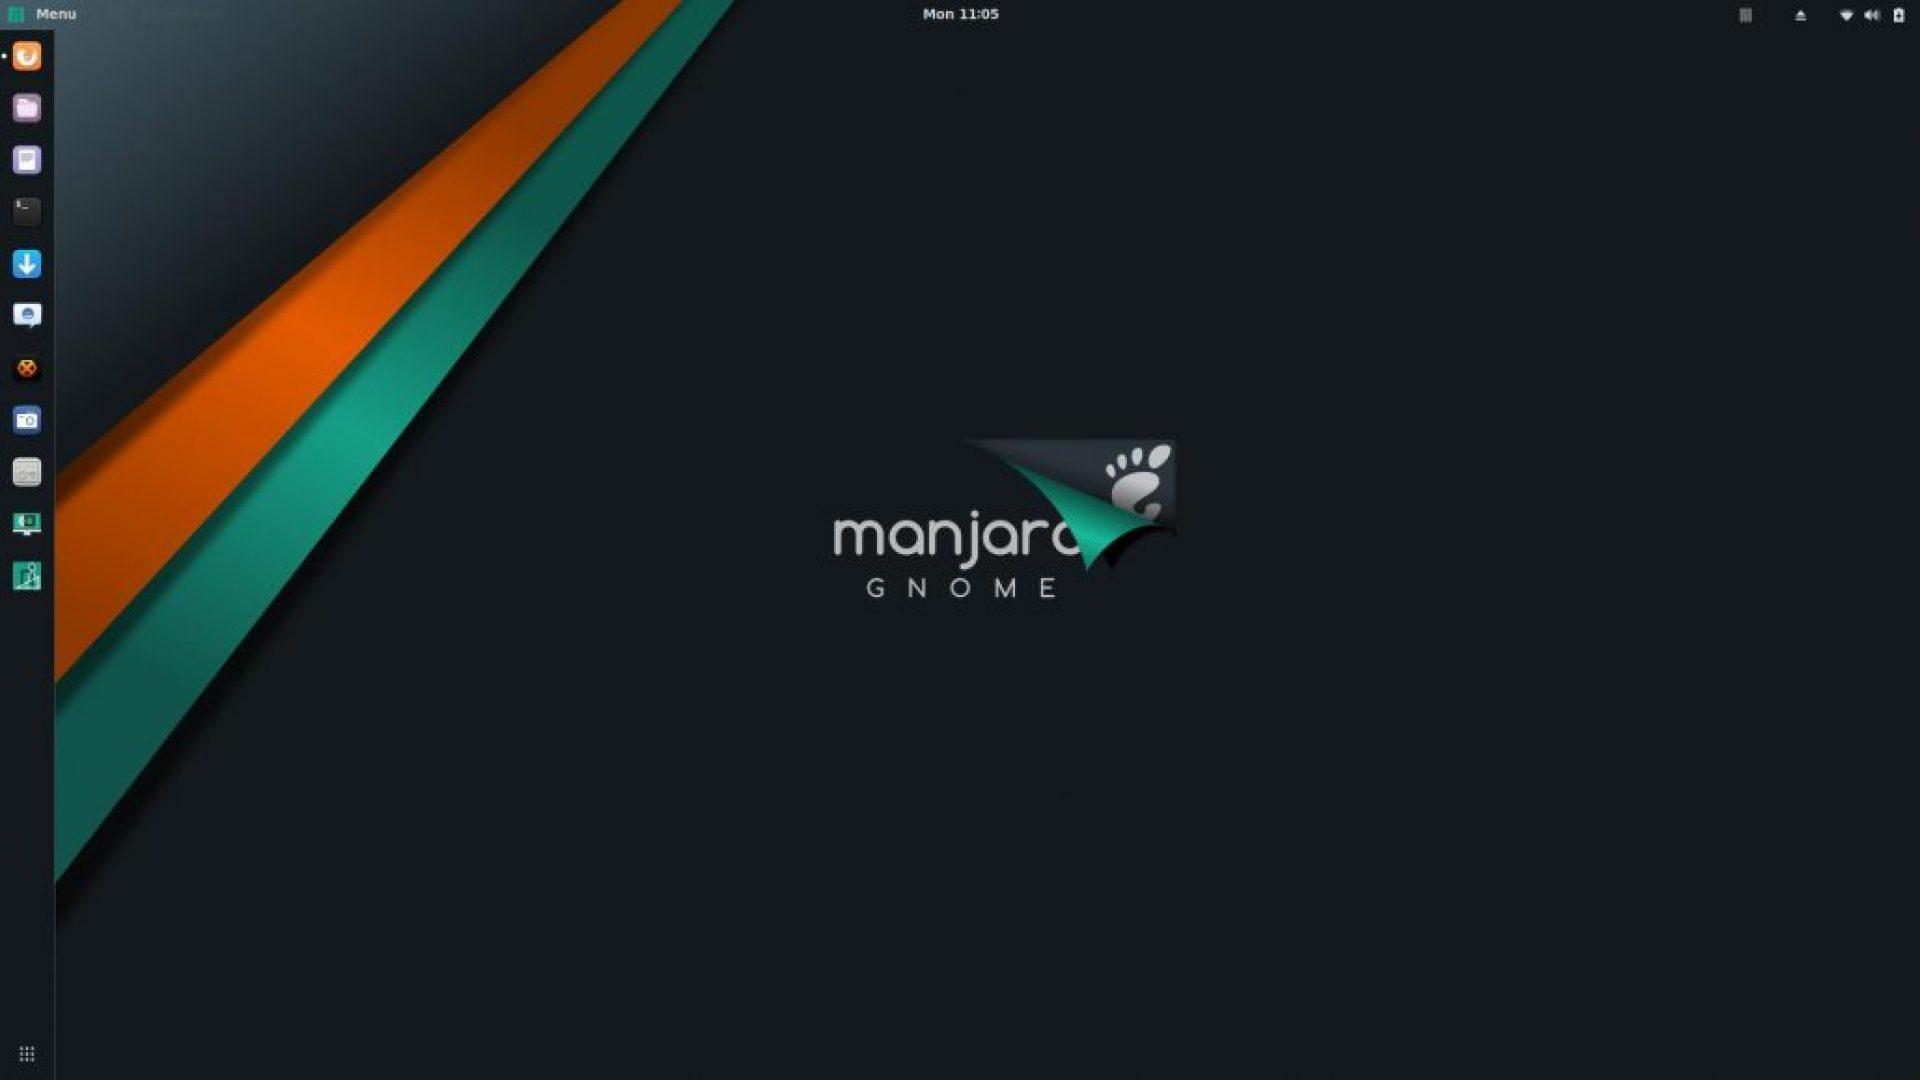 Make Your Manjaro 17 1 0 Looks Like Mac OS X | Manjaro dot site